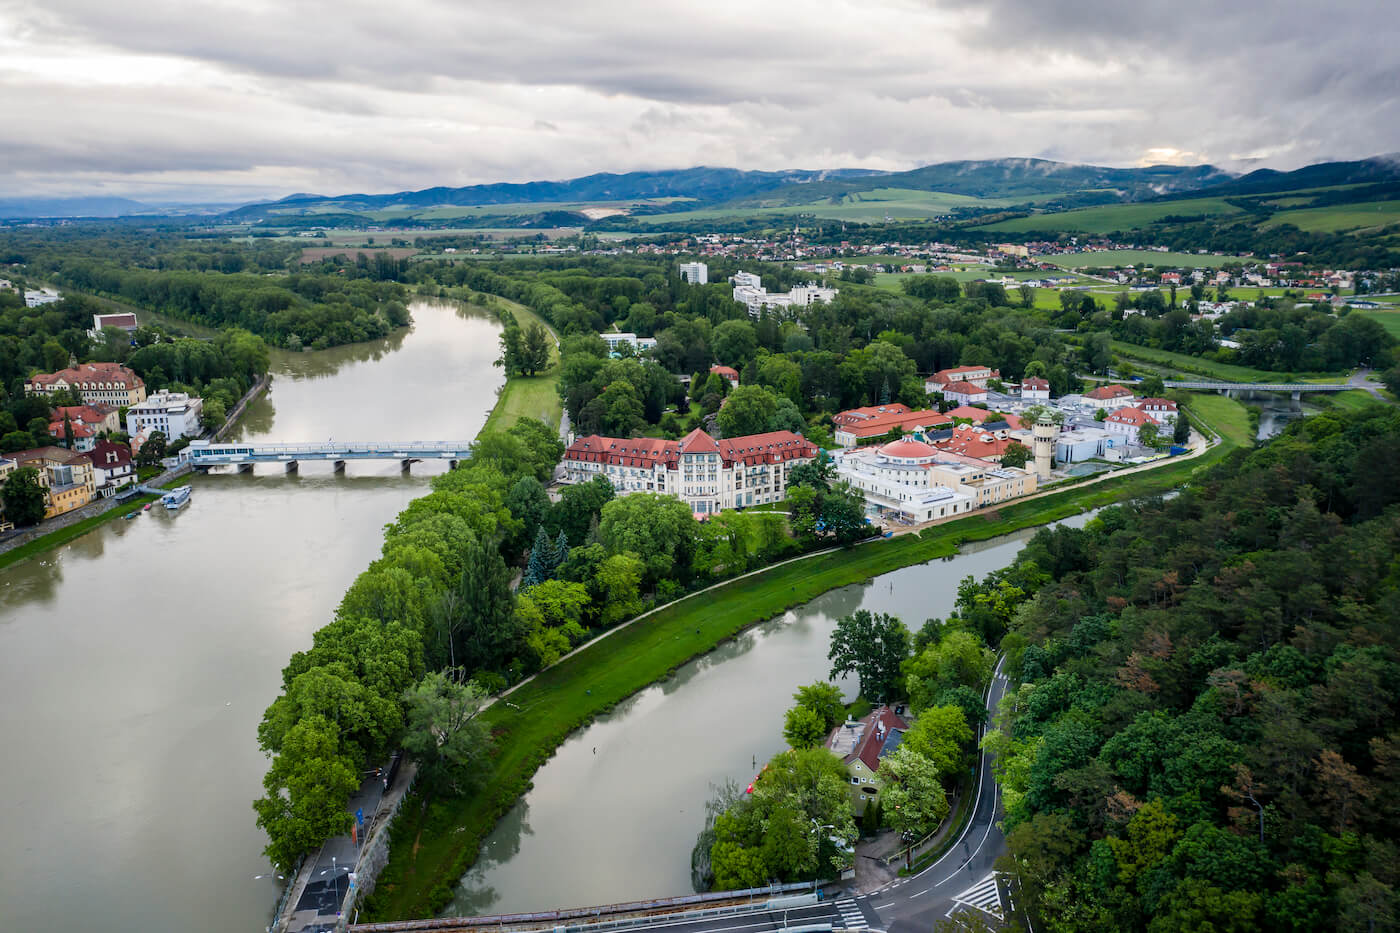 Kuurreizen voor spier- en gewrichtsklachten naar het Slowaakse kuuroord Piestany